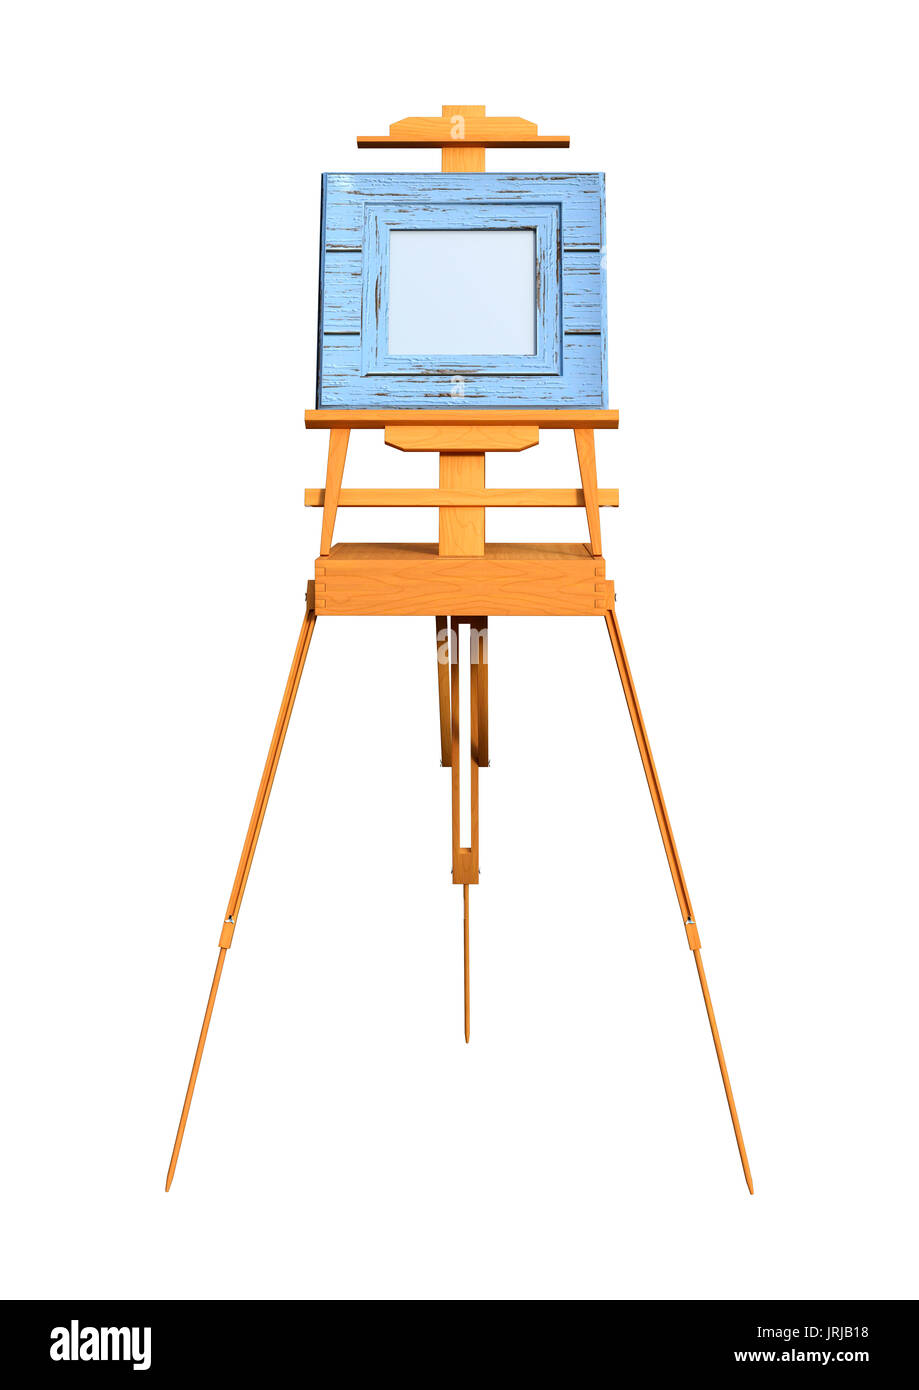 3D-Rendering für eine leere Kunst Rahmen auf eine hölzerne Staffelei ...